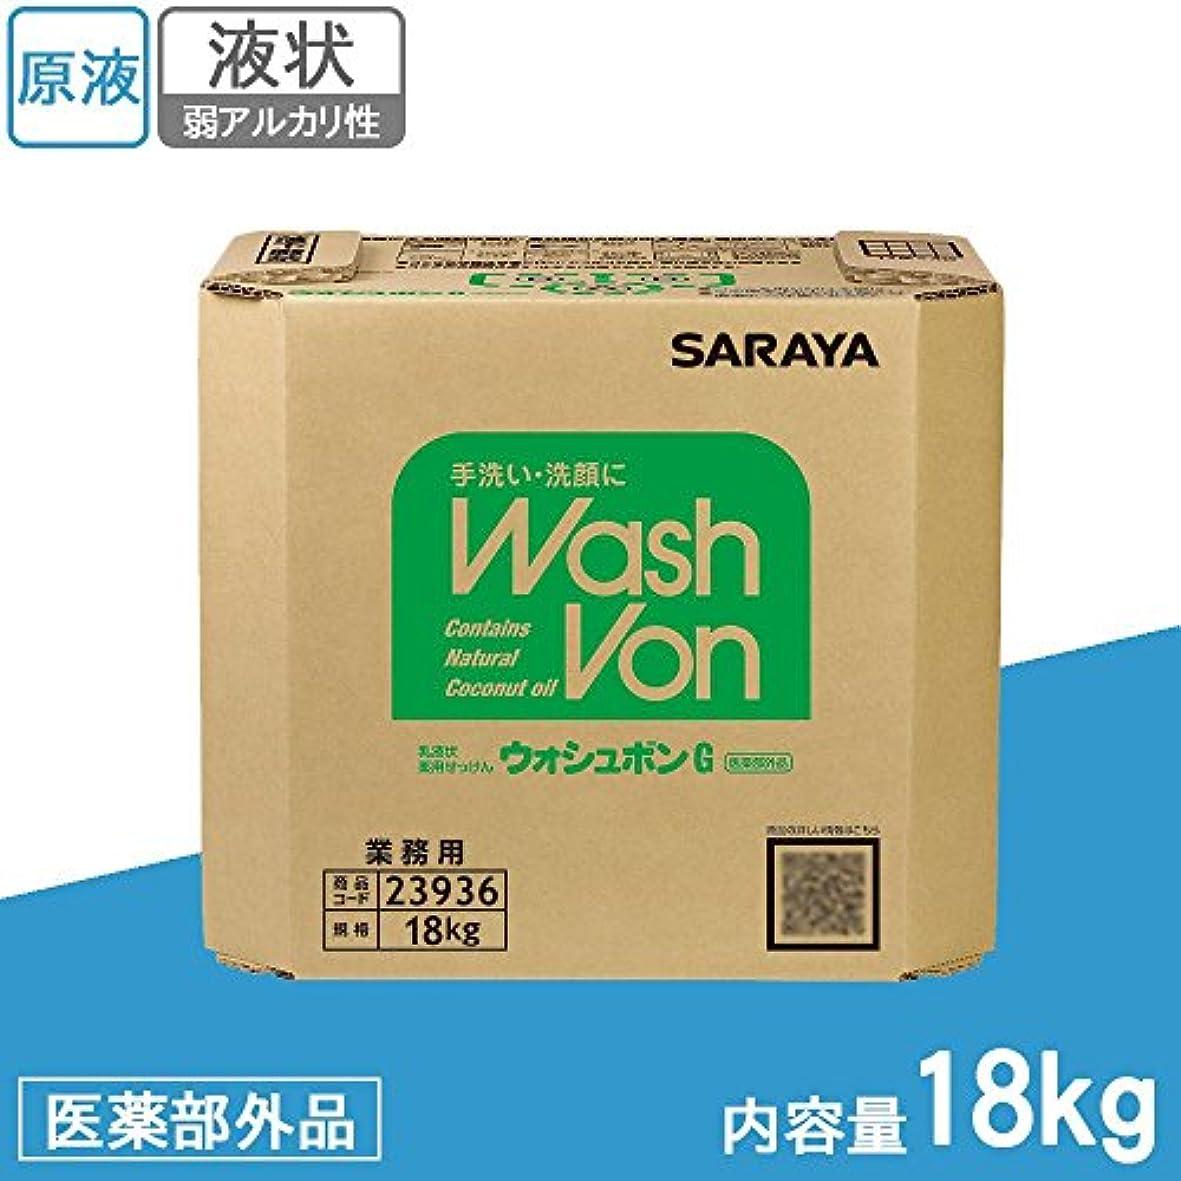 ずっと縁空いているサラヤ 業務用 乳液状薬用せっけん ウォシュボンG 18kg BIB 23936 (医薬部外品)